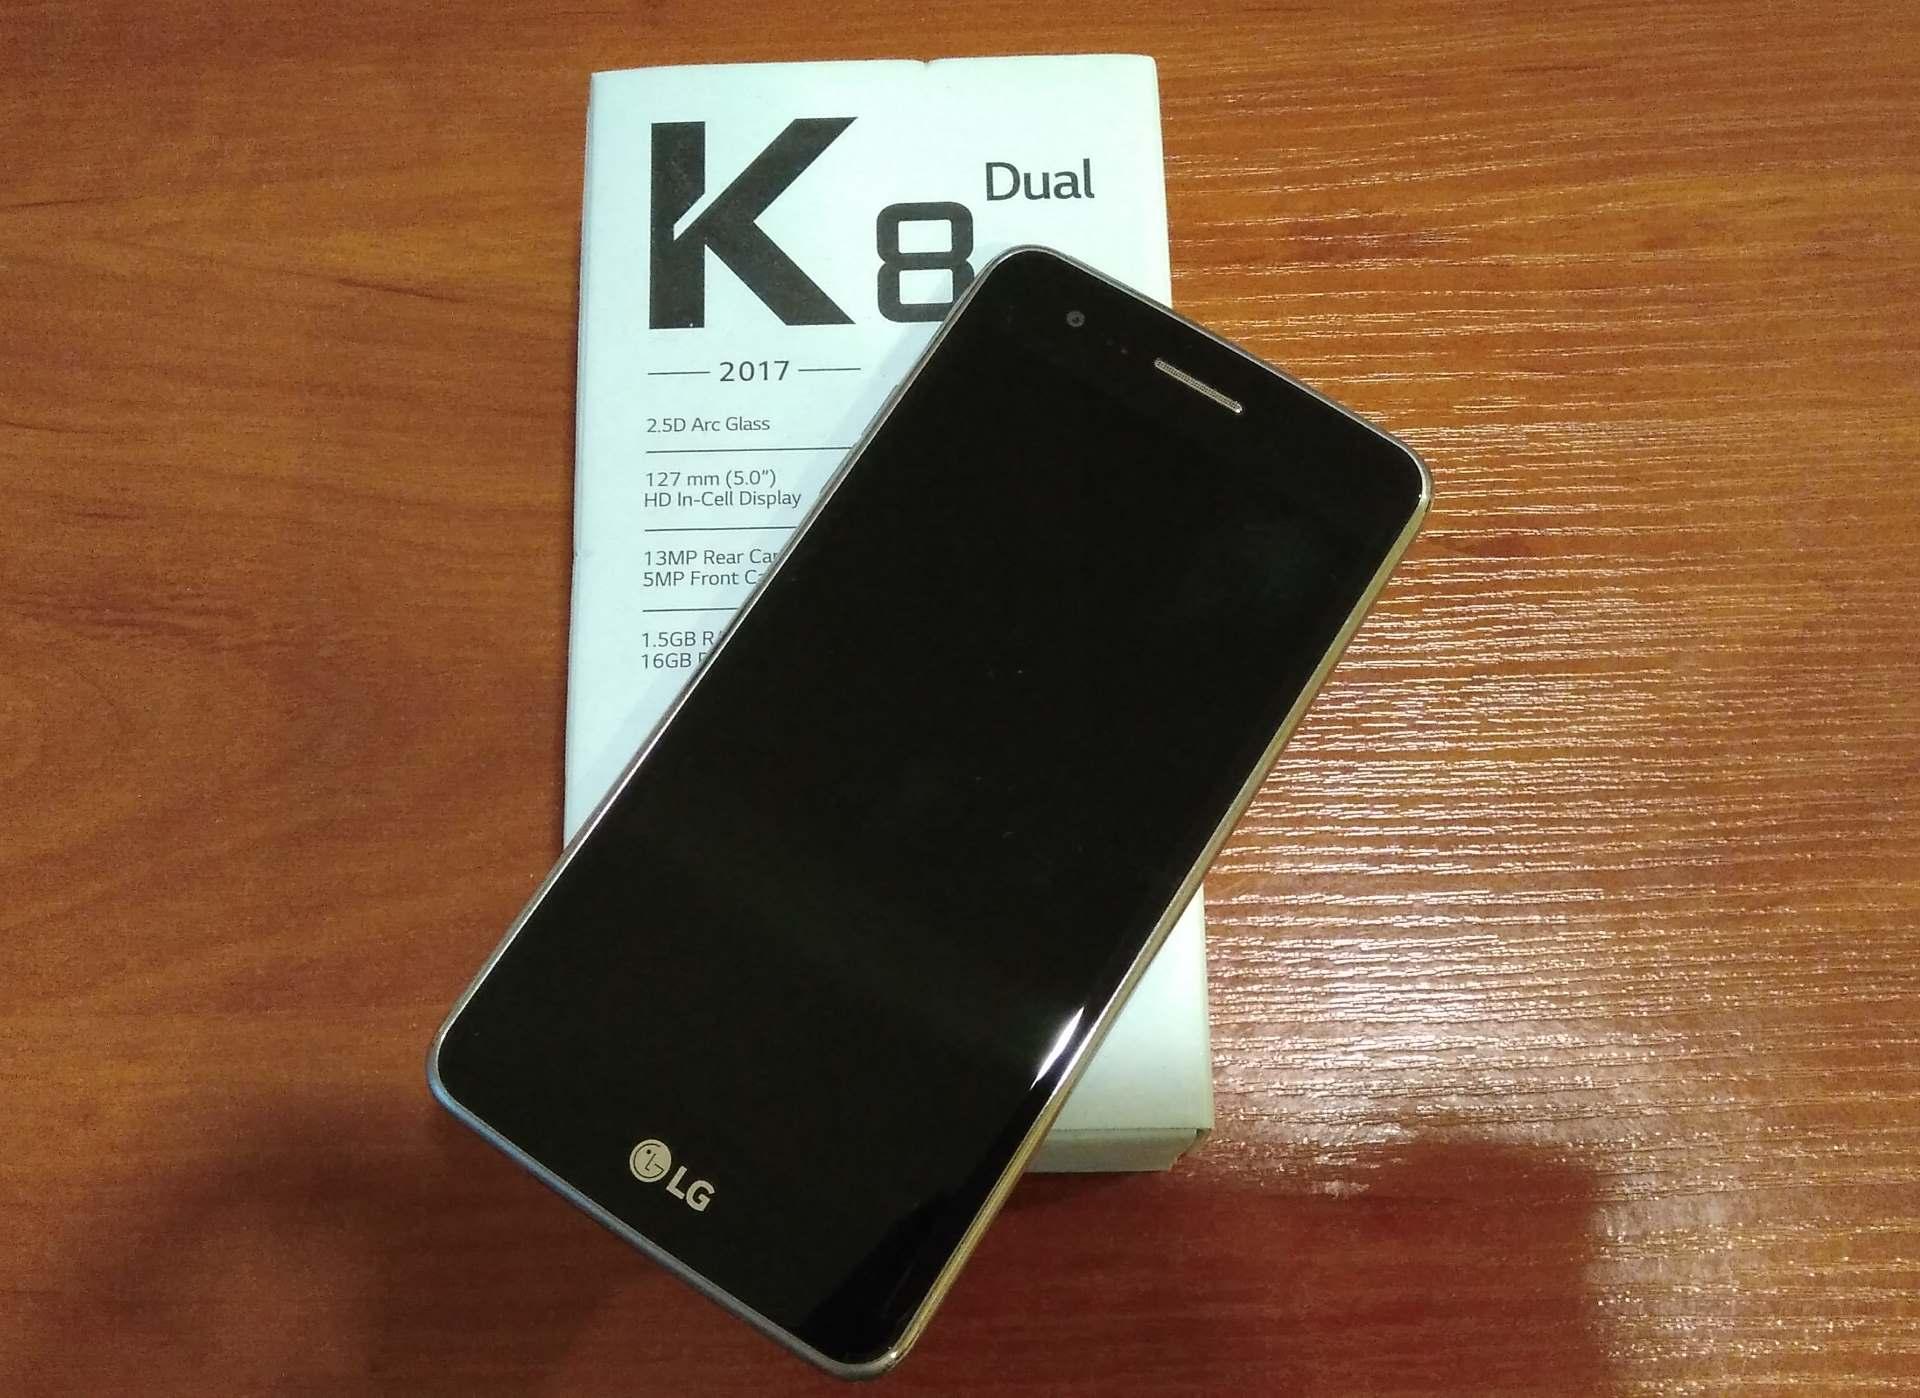 OKAZJA! LG K8 LTE 2017 GW15m!